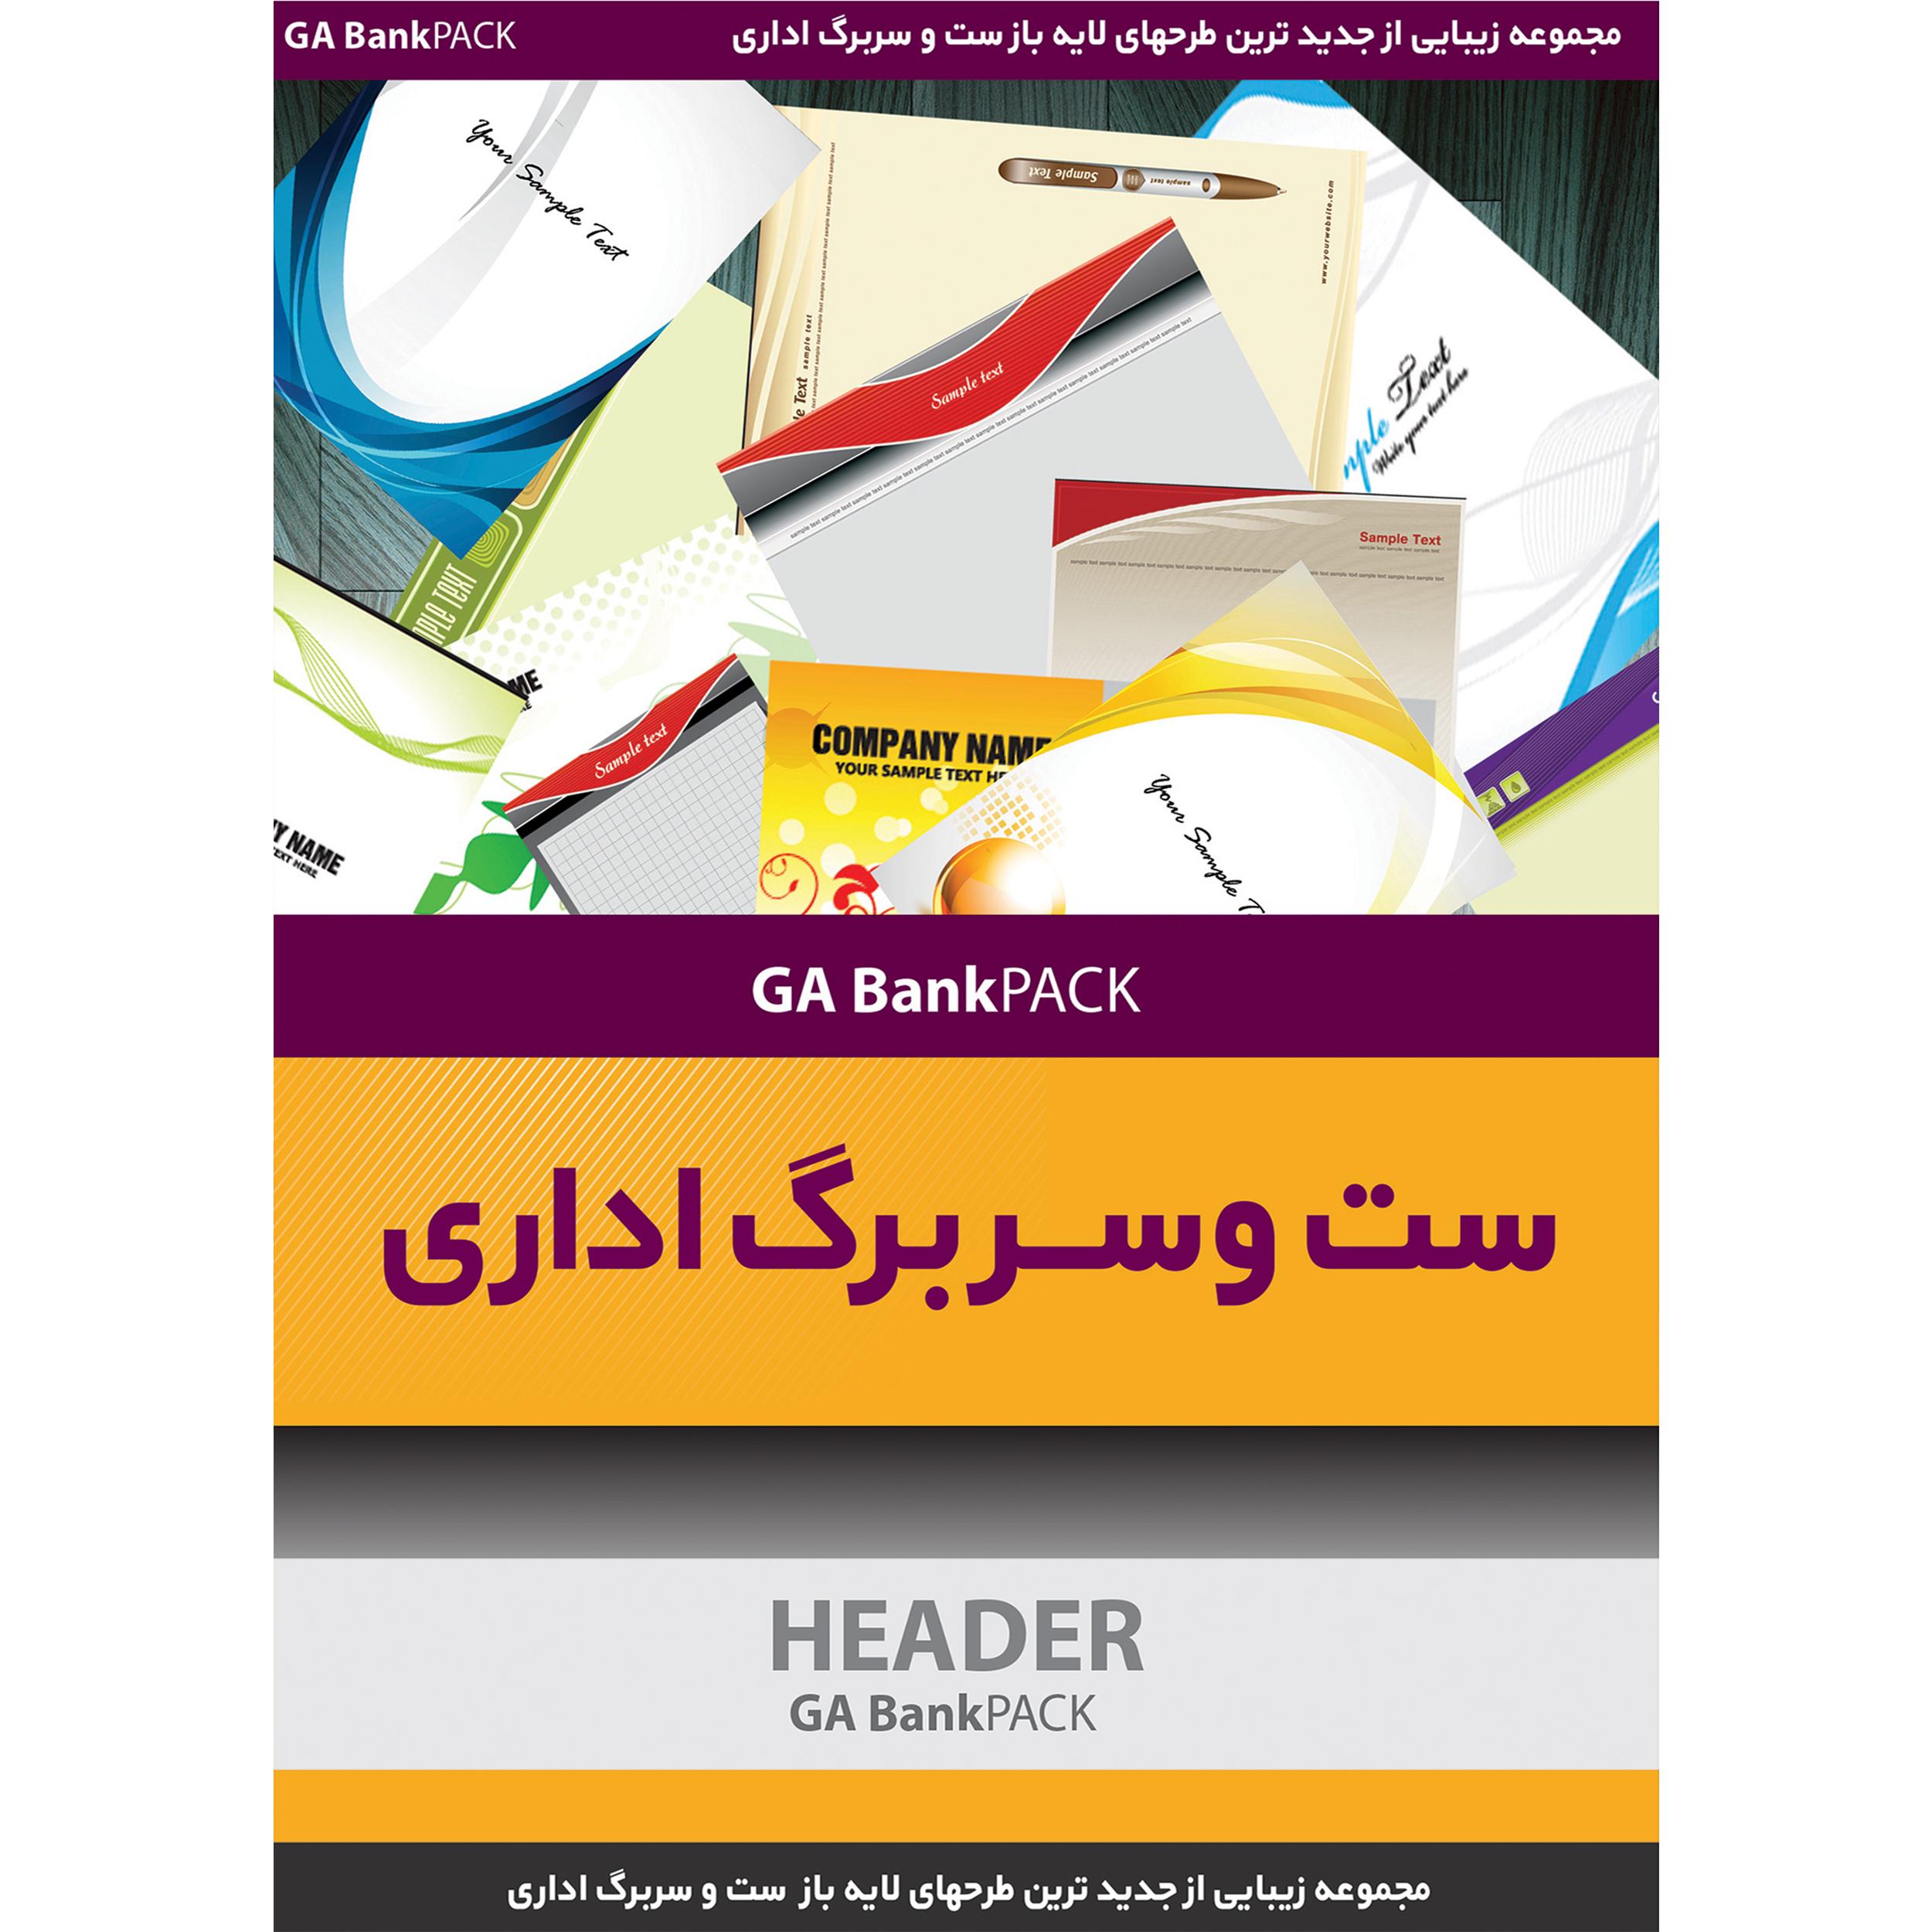 مجموعه طرح های لایه باز ست و سربرگ اداری نشر جی ای بانک